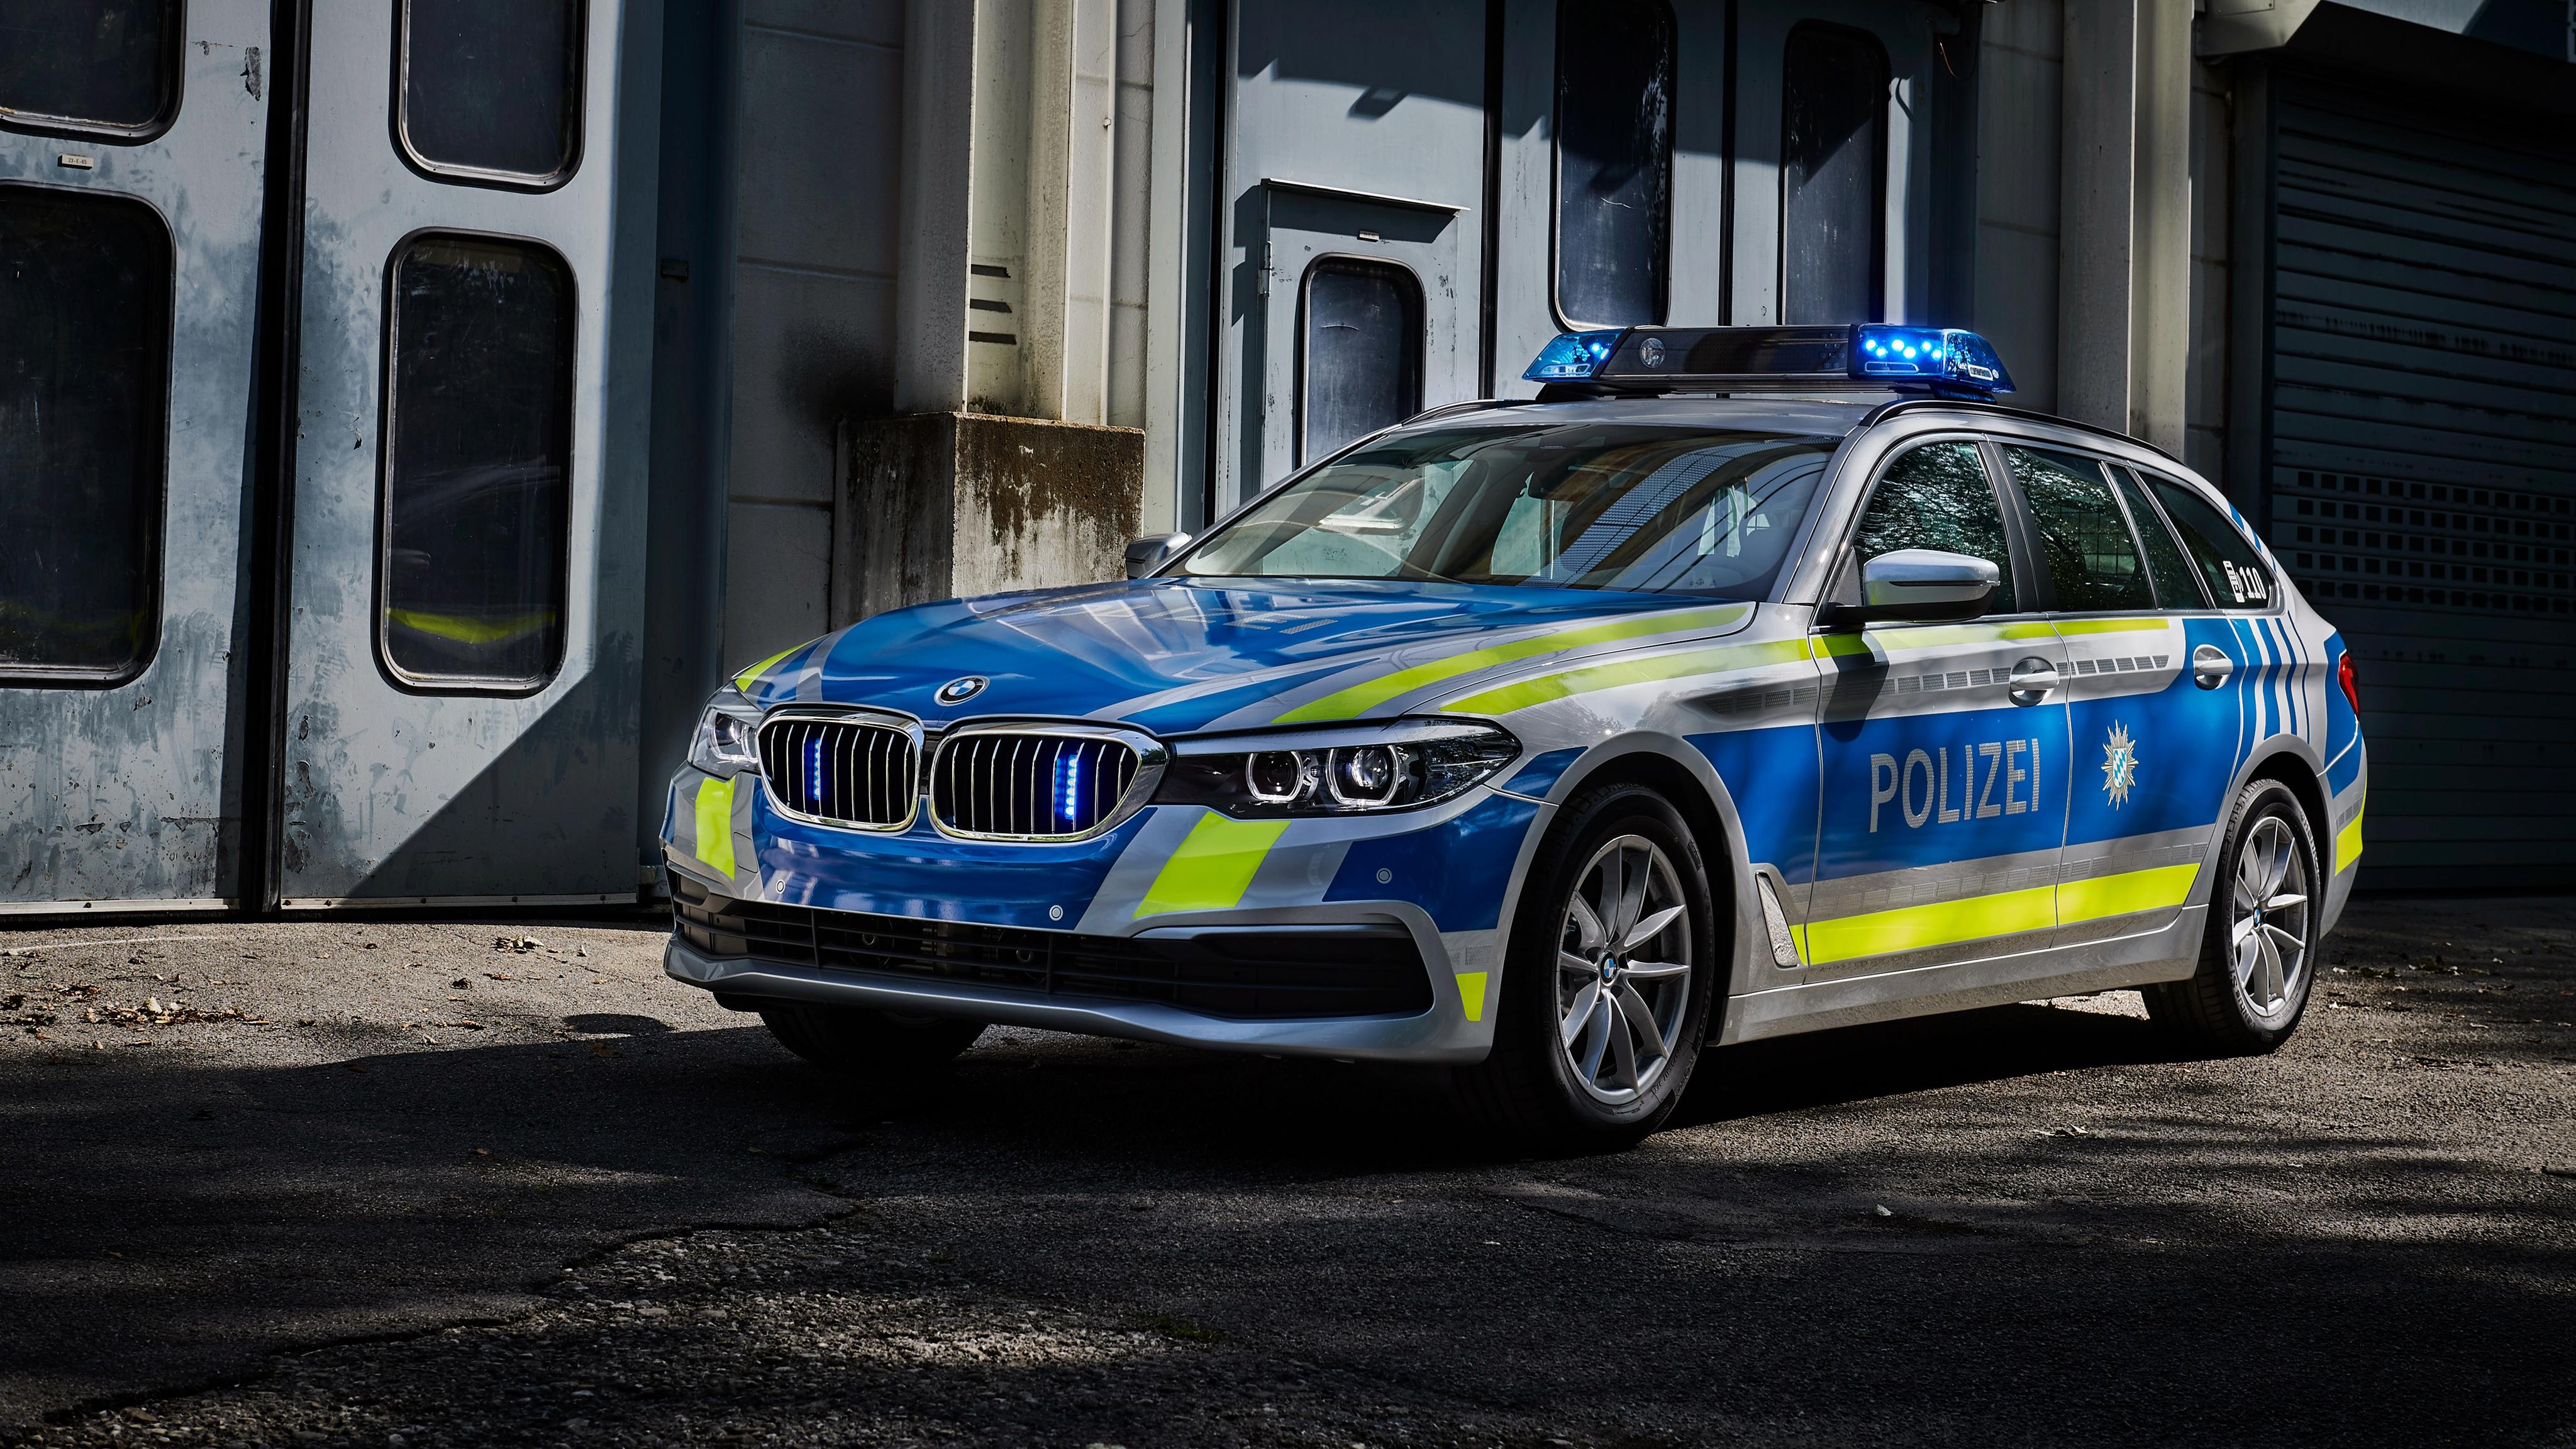 2017 BMW 530d xDrive Touring Polizei Wallpaper | HD Car ...